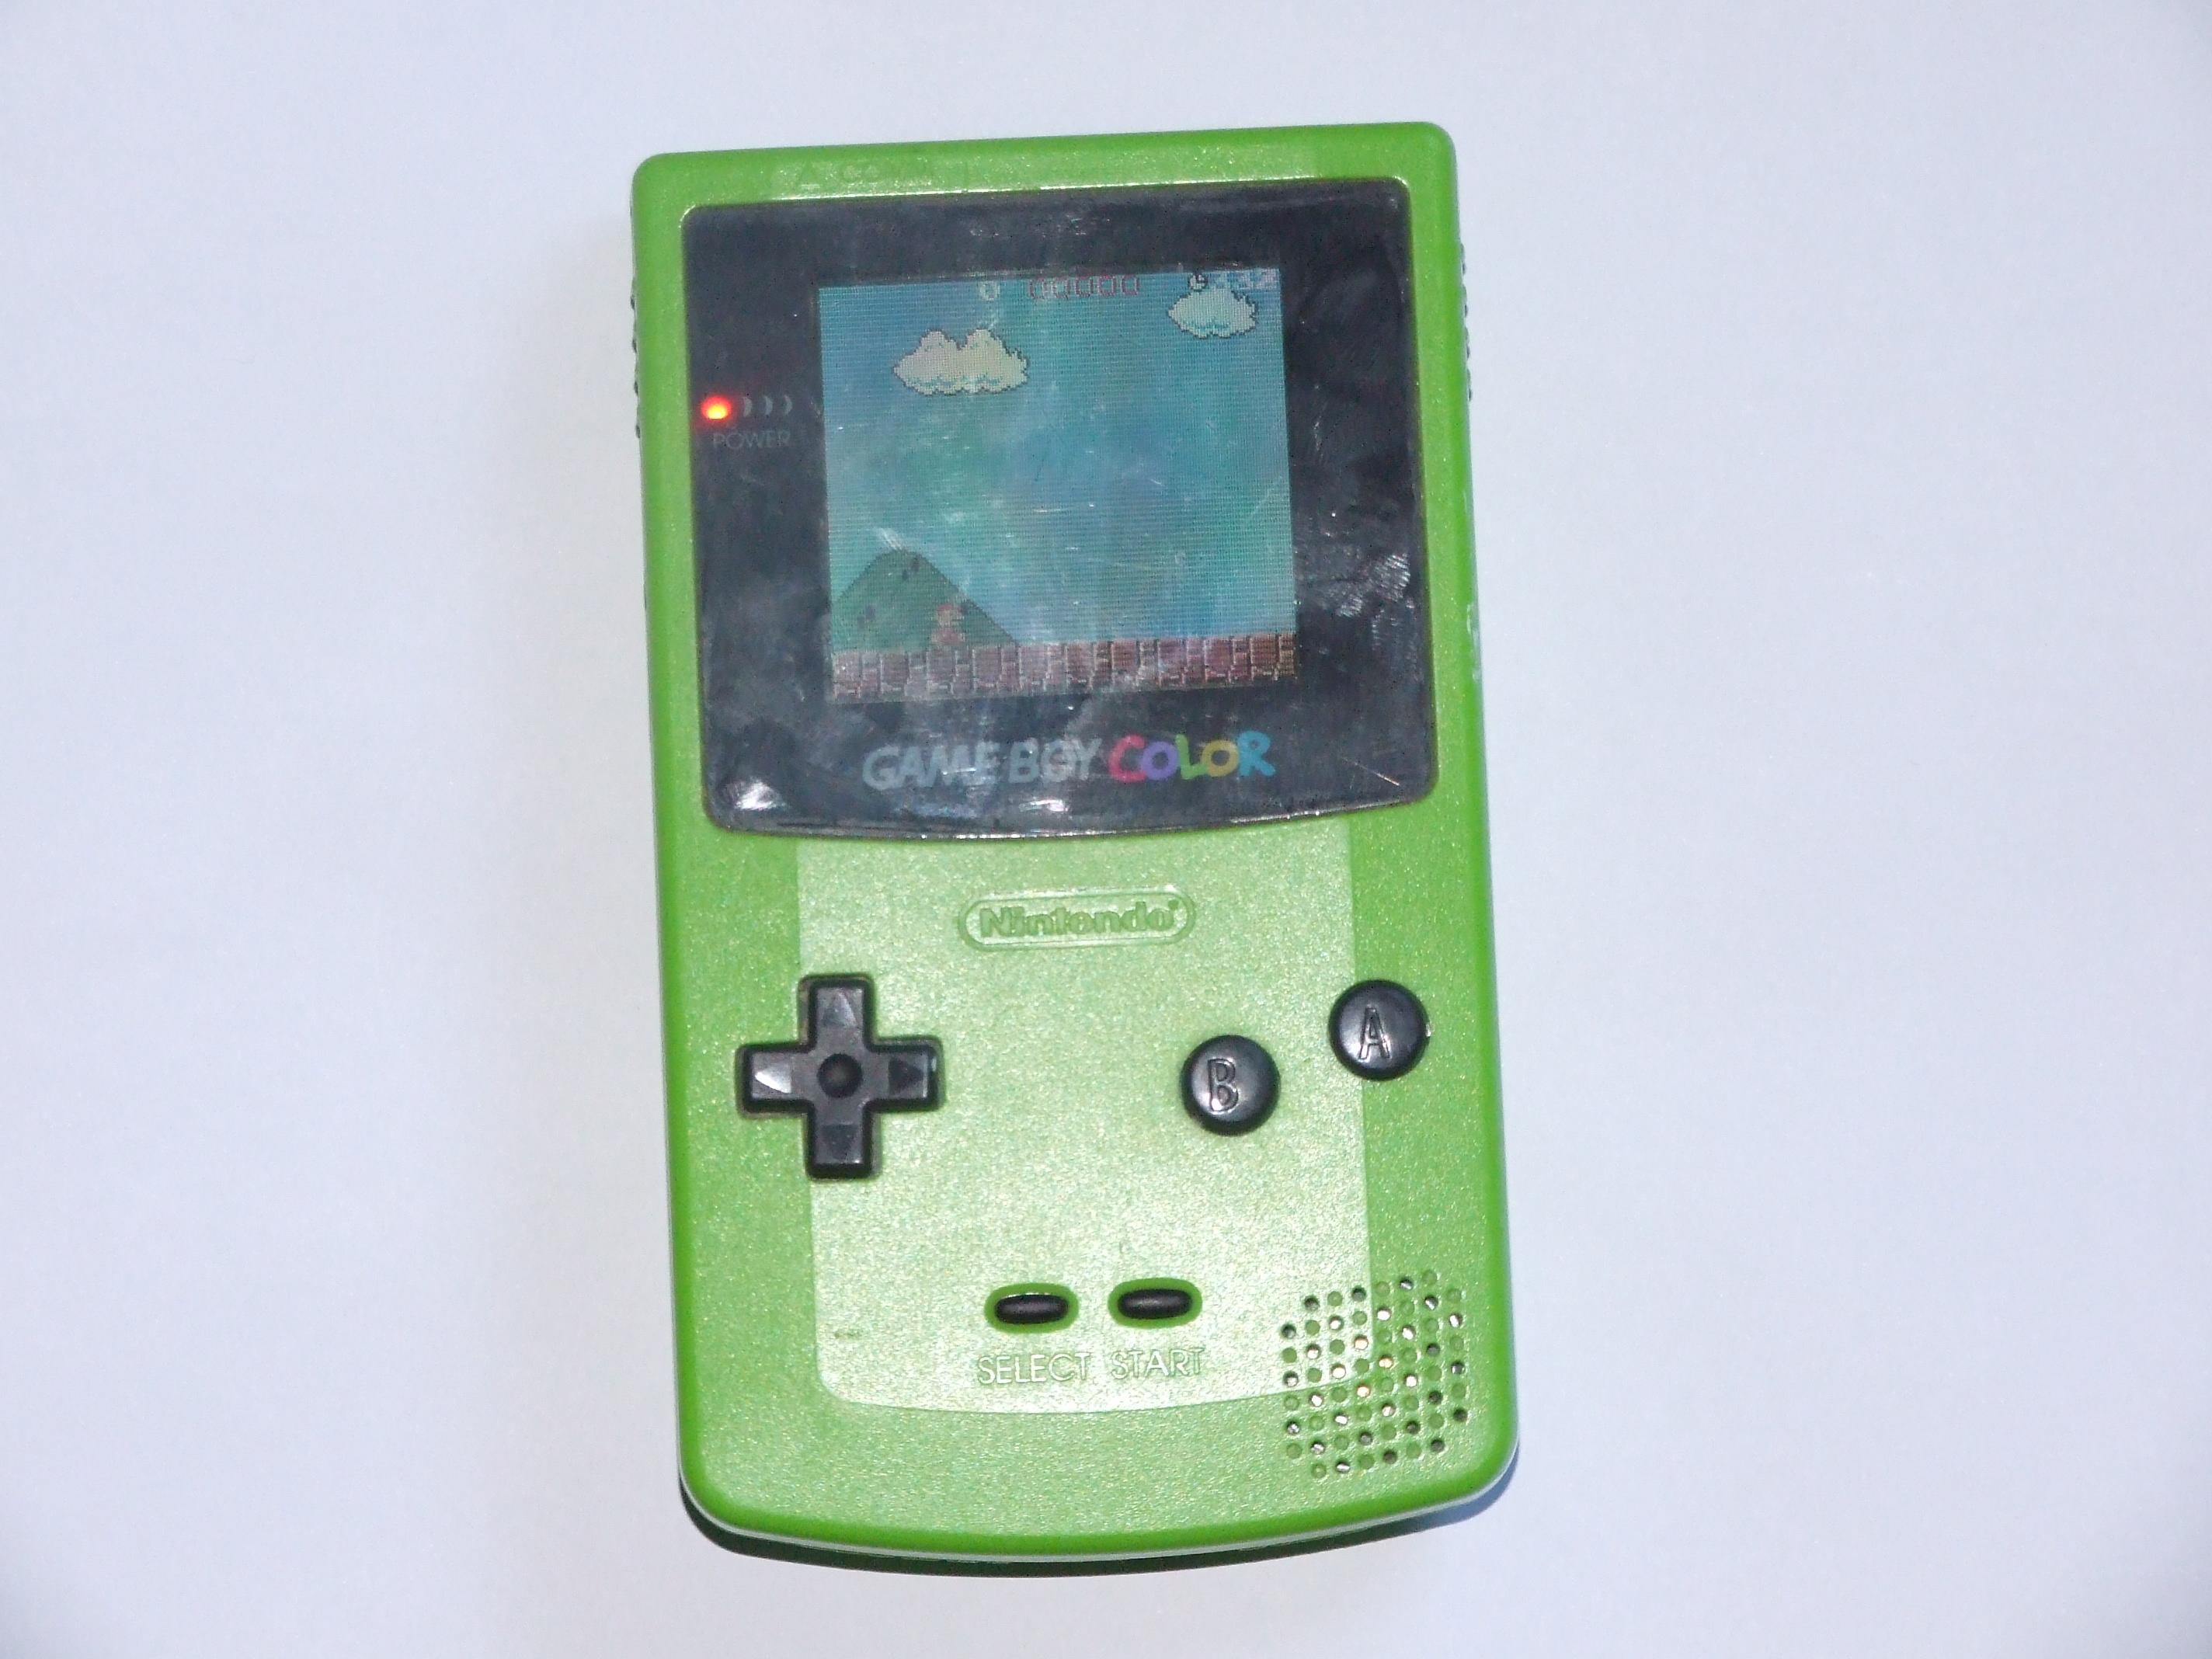 Game boy color super mario bros deluxe - Deluxe Cartridge Game Boy Color Playing Super Mario Bros